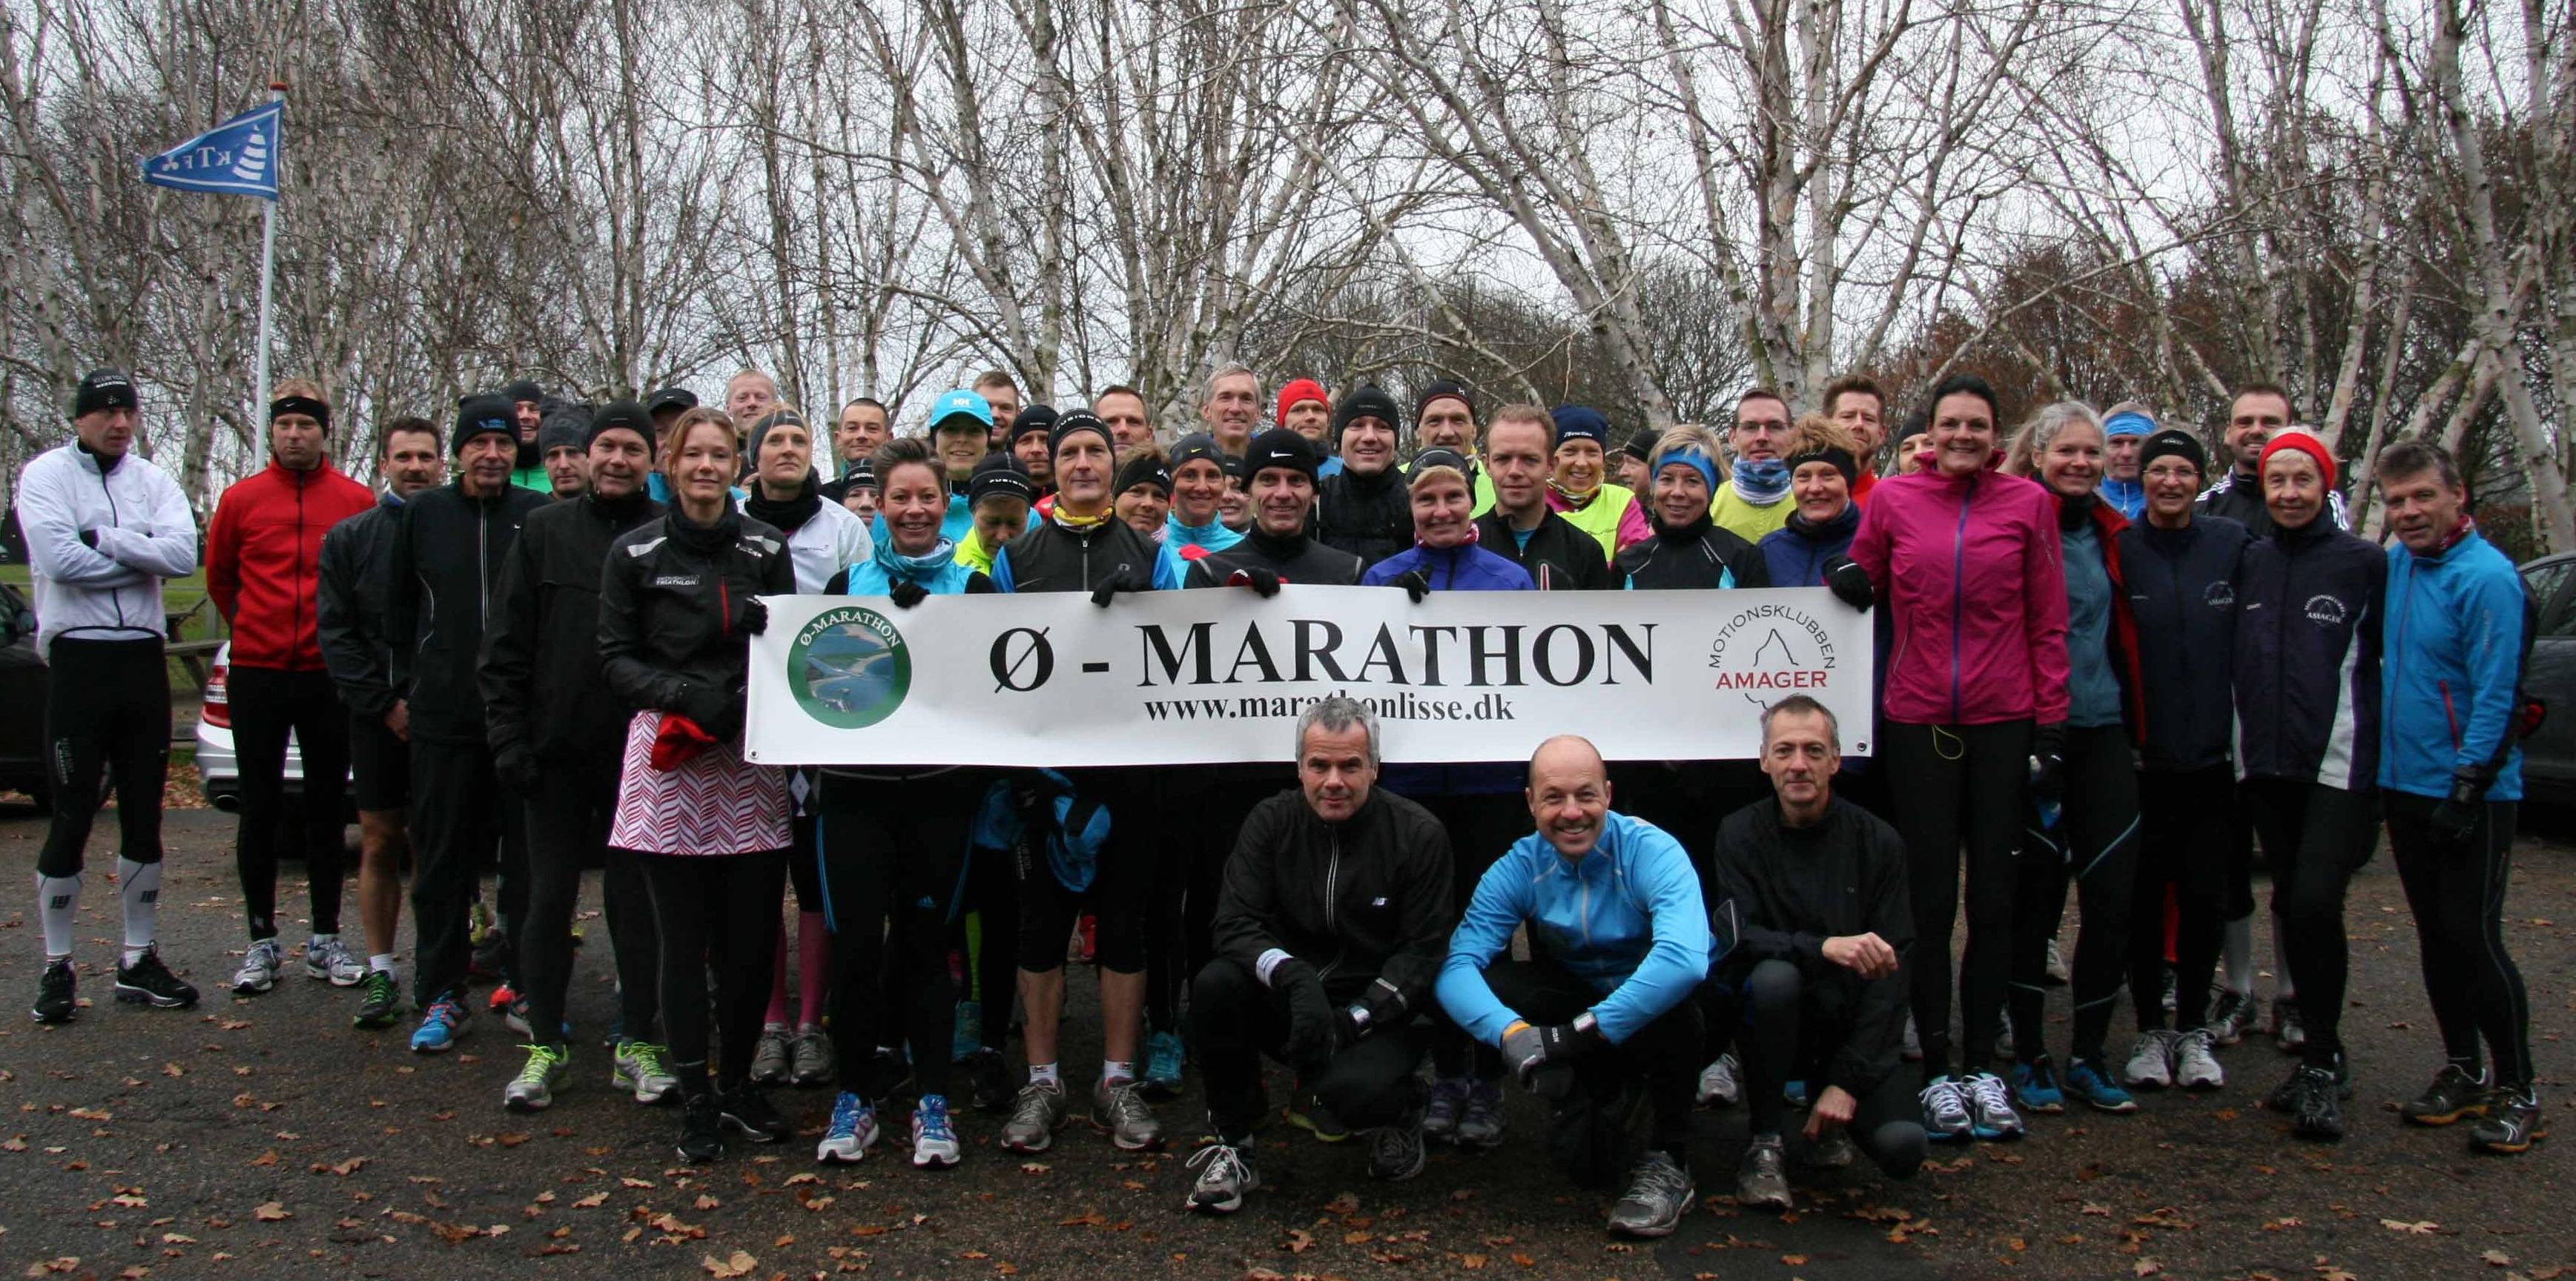 Startfeltet til Ø-Marathon den sidste søndag i november - en rigtig efterårsdag